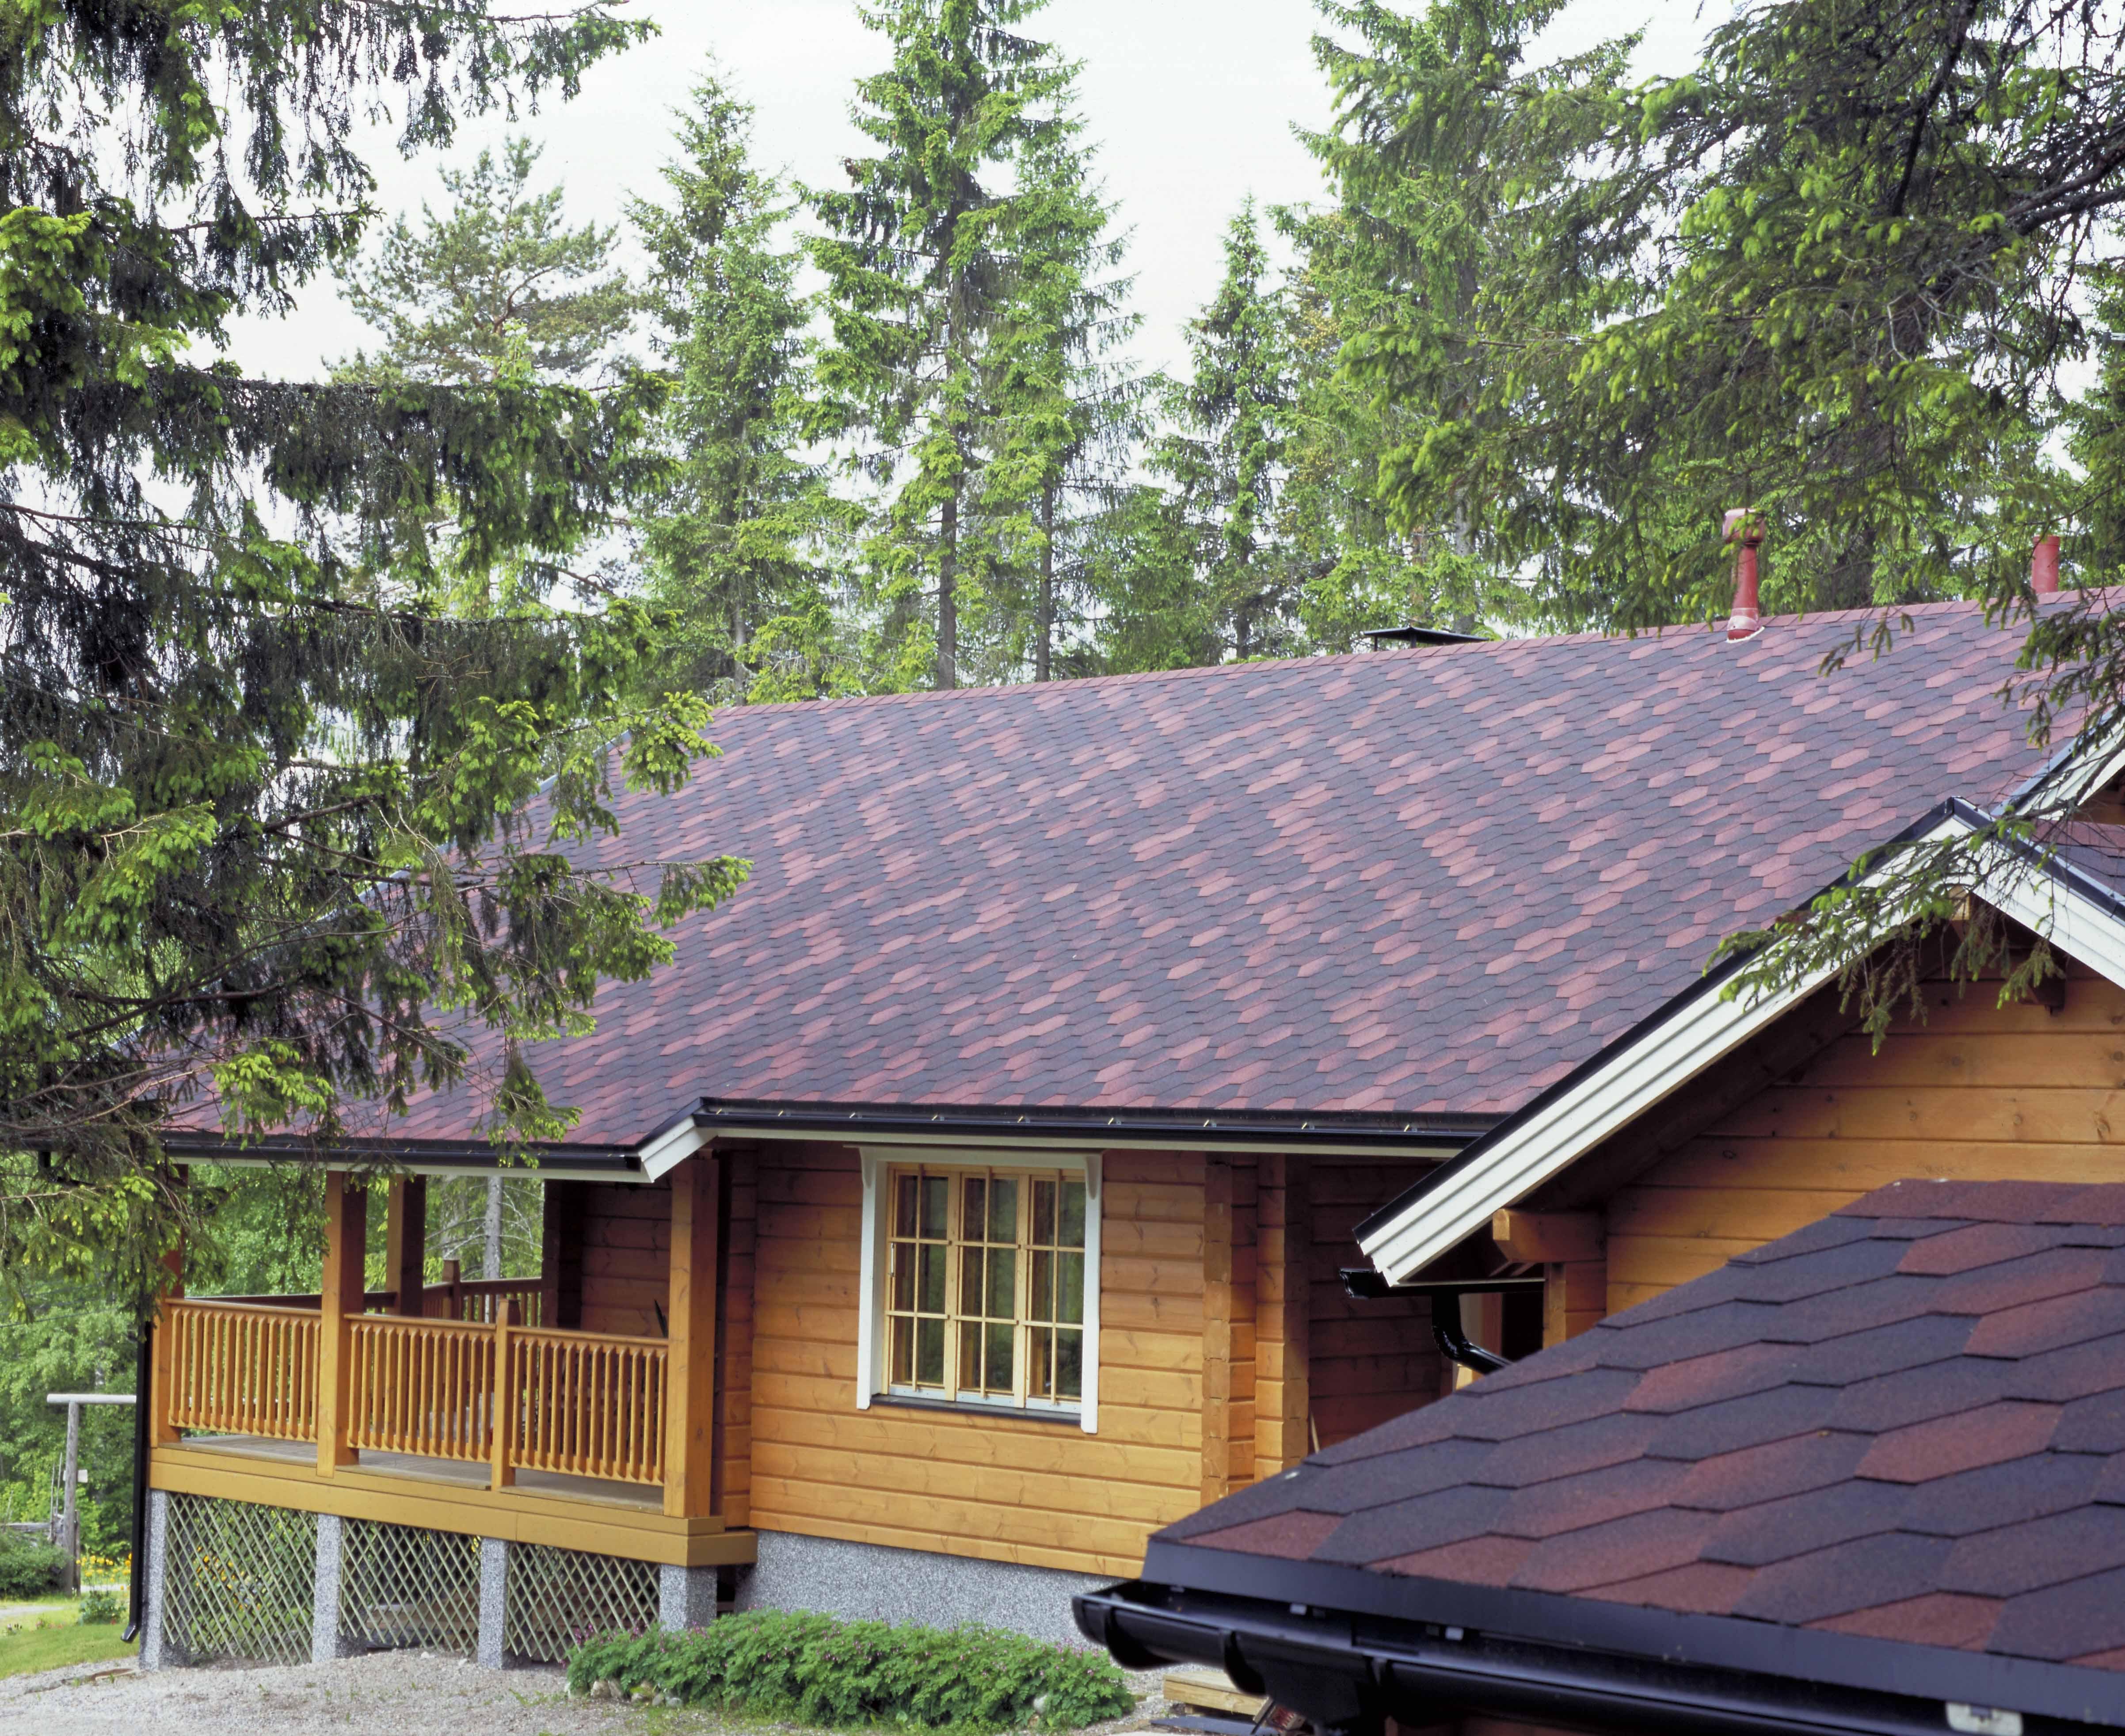 катепал фото домов крыш складни могли